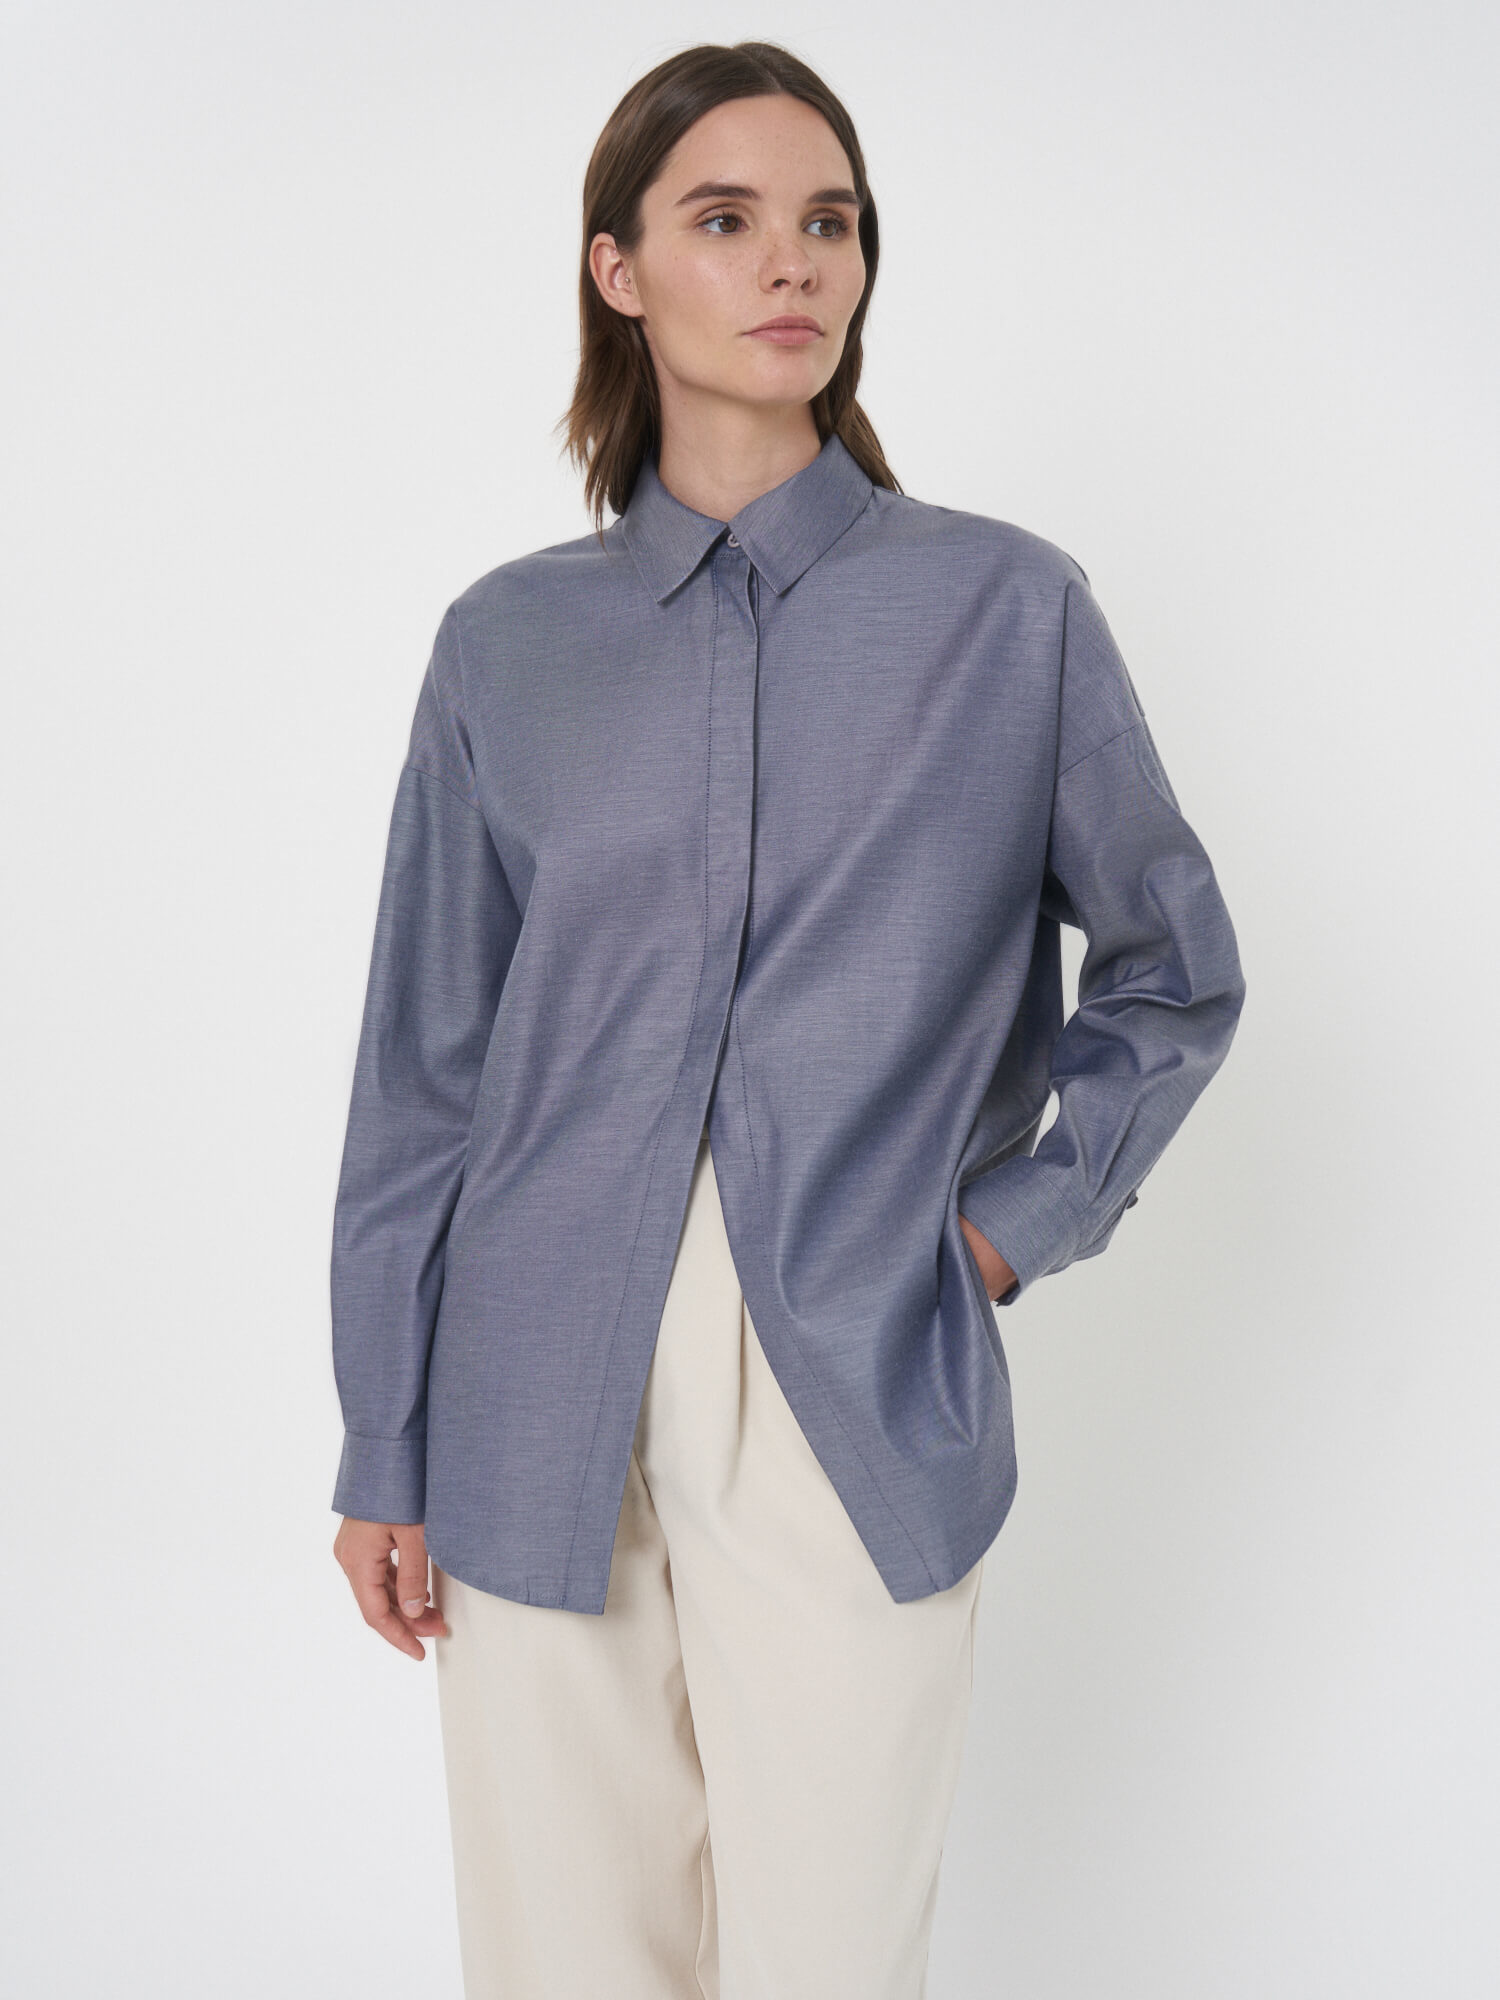 Рубашка Milena с частичной застёжкой